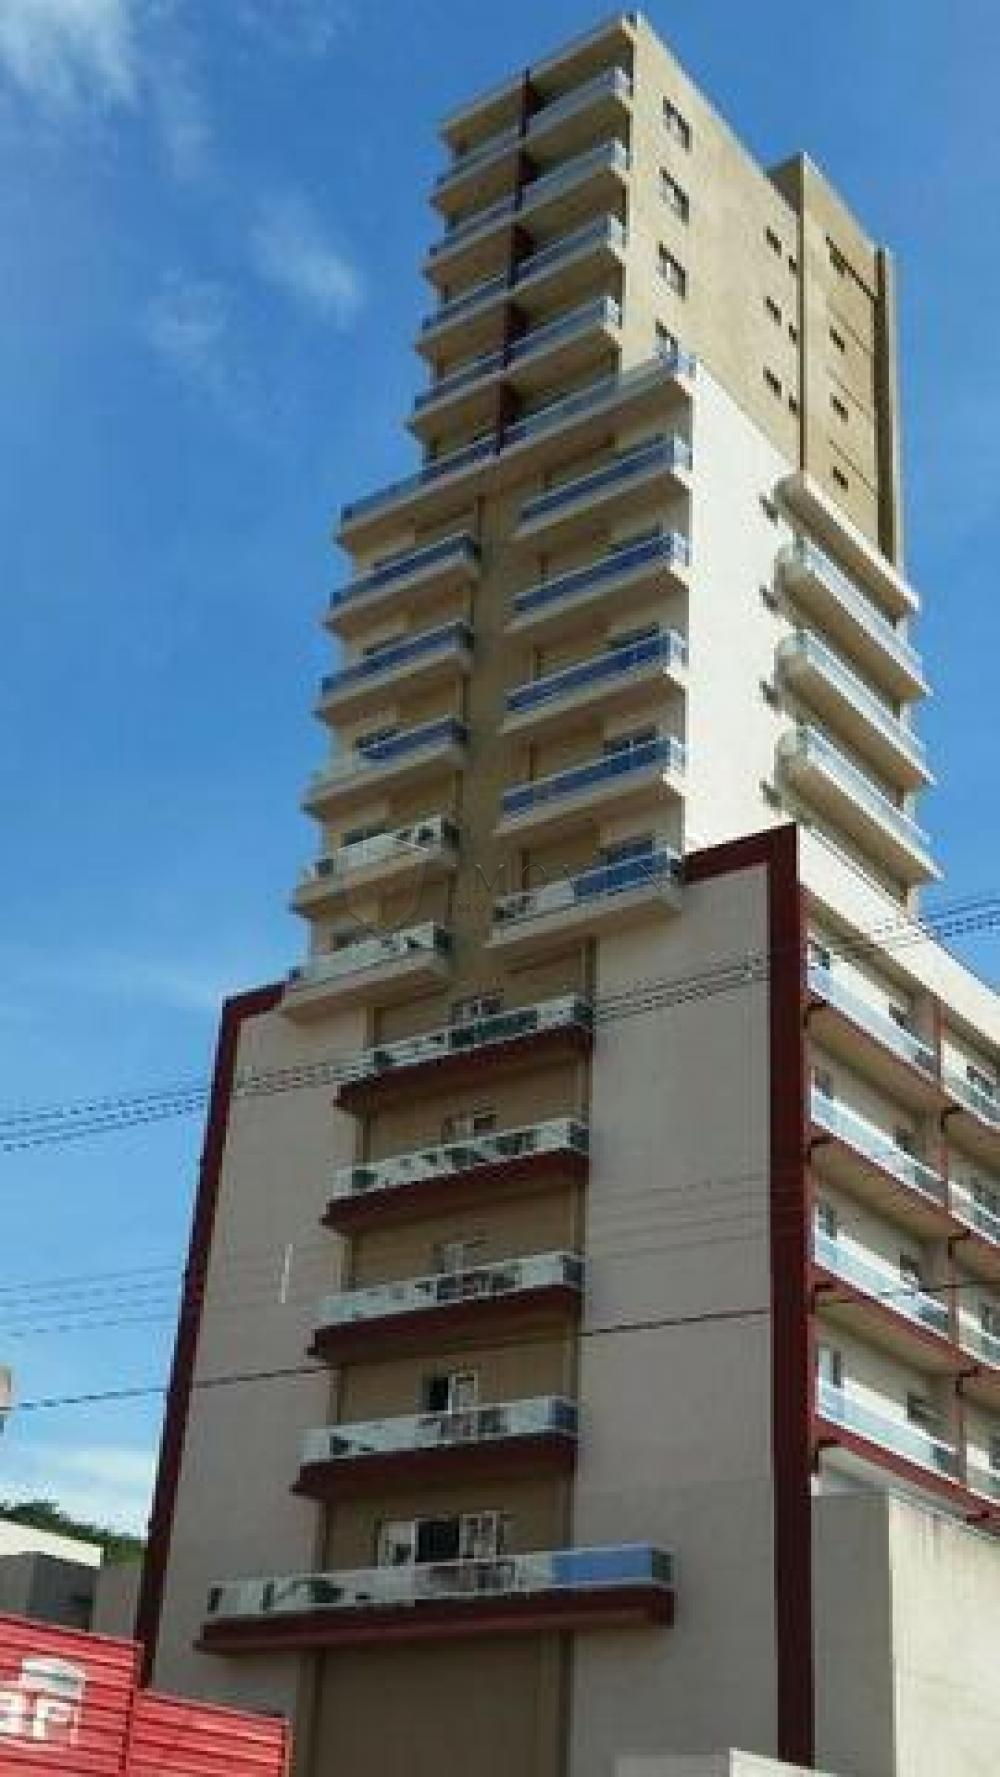 Alugar Apartamento / Flat em Ribeirão Preto R$ 650,00 - Foto 2